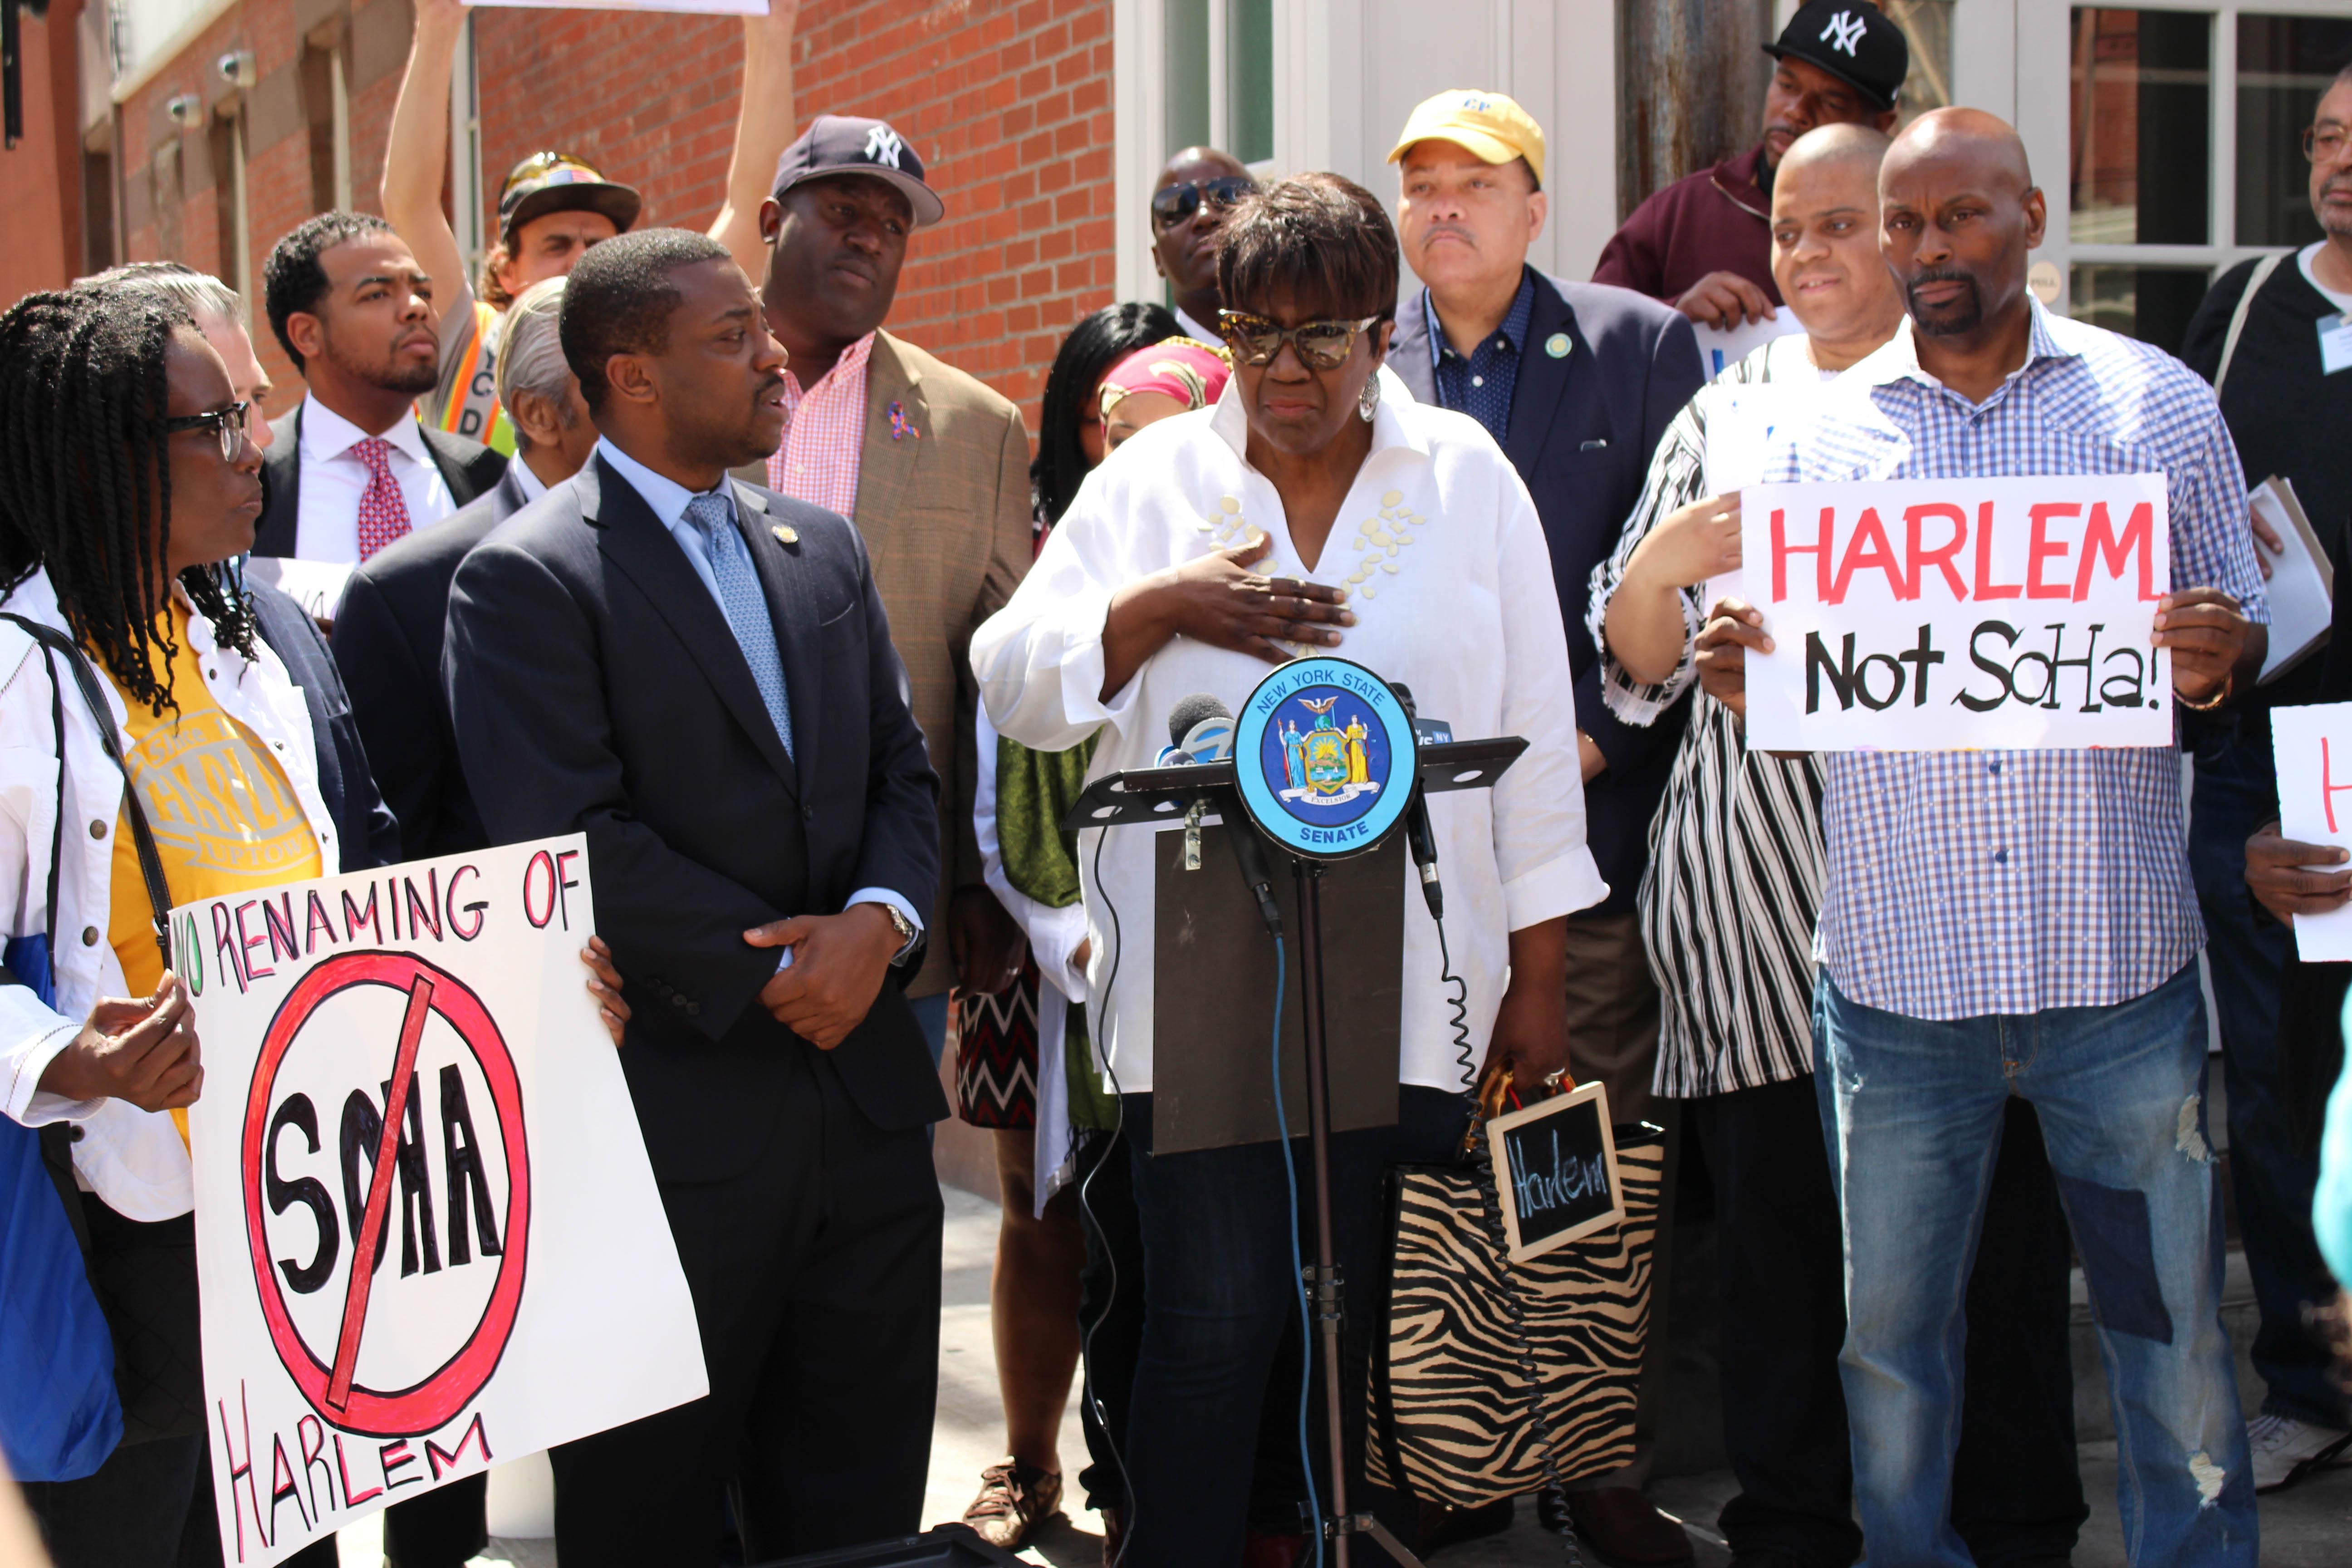 Danni Tyson parla ad una protesta contro il rebranding di Harlem. Foto di Ignacio Rullansky (2017).